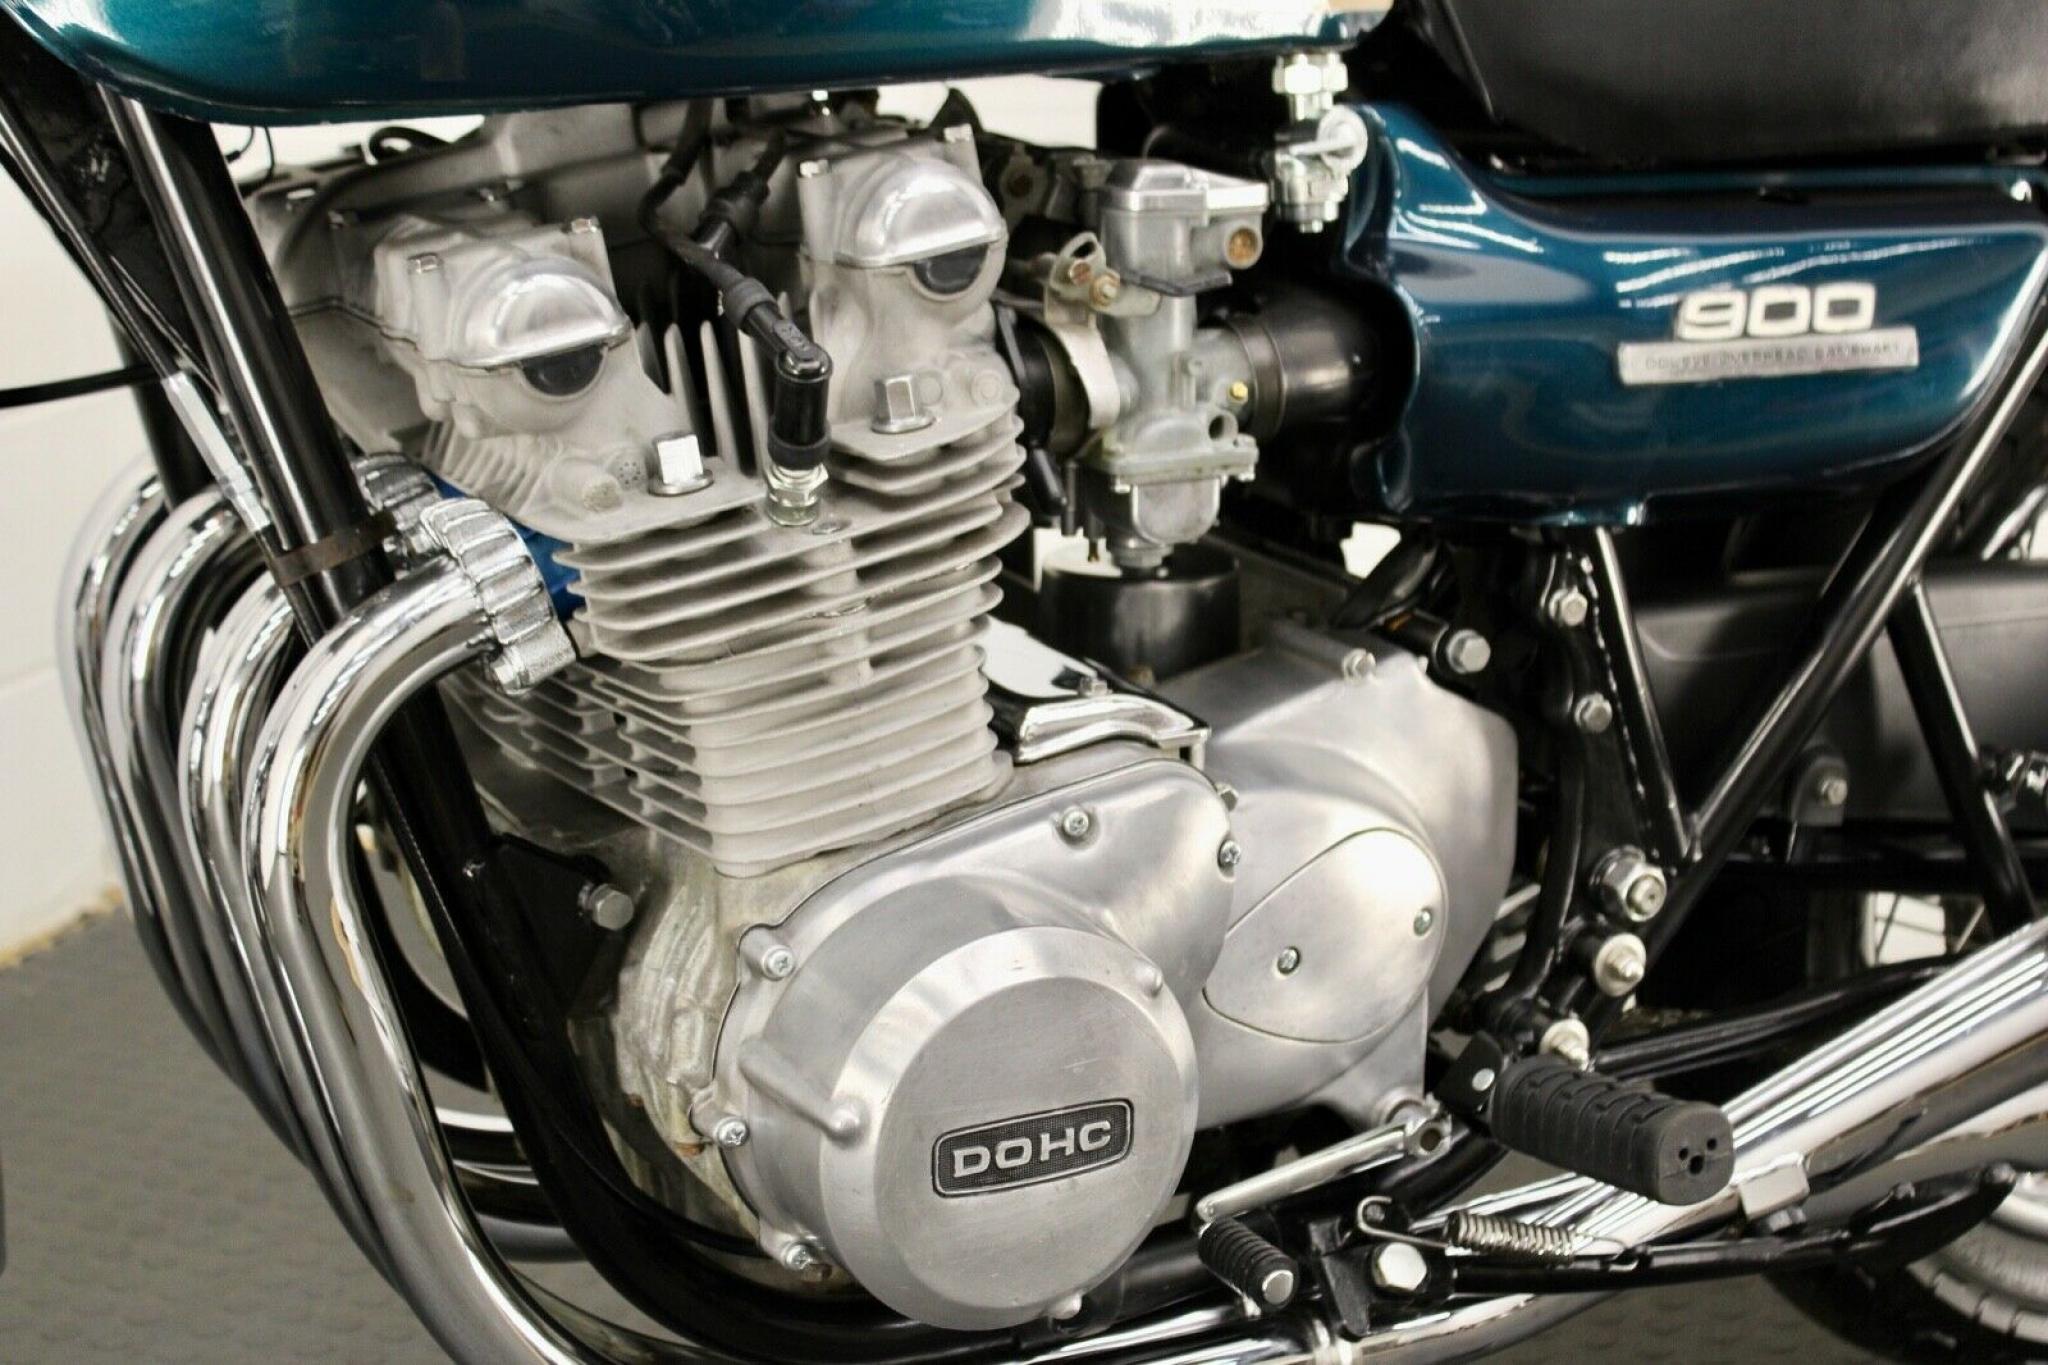 カワサキ 1974 Kawasaki Z1 A 900 車体写真4